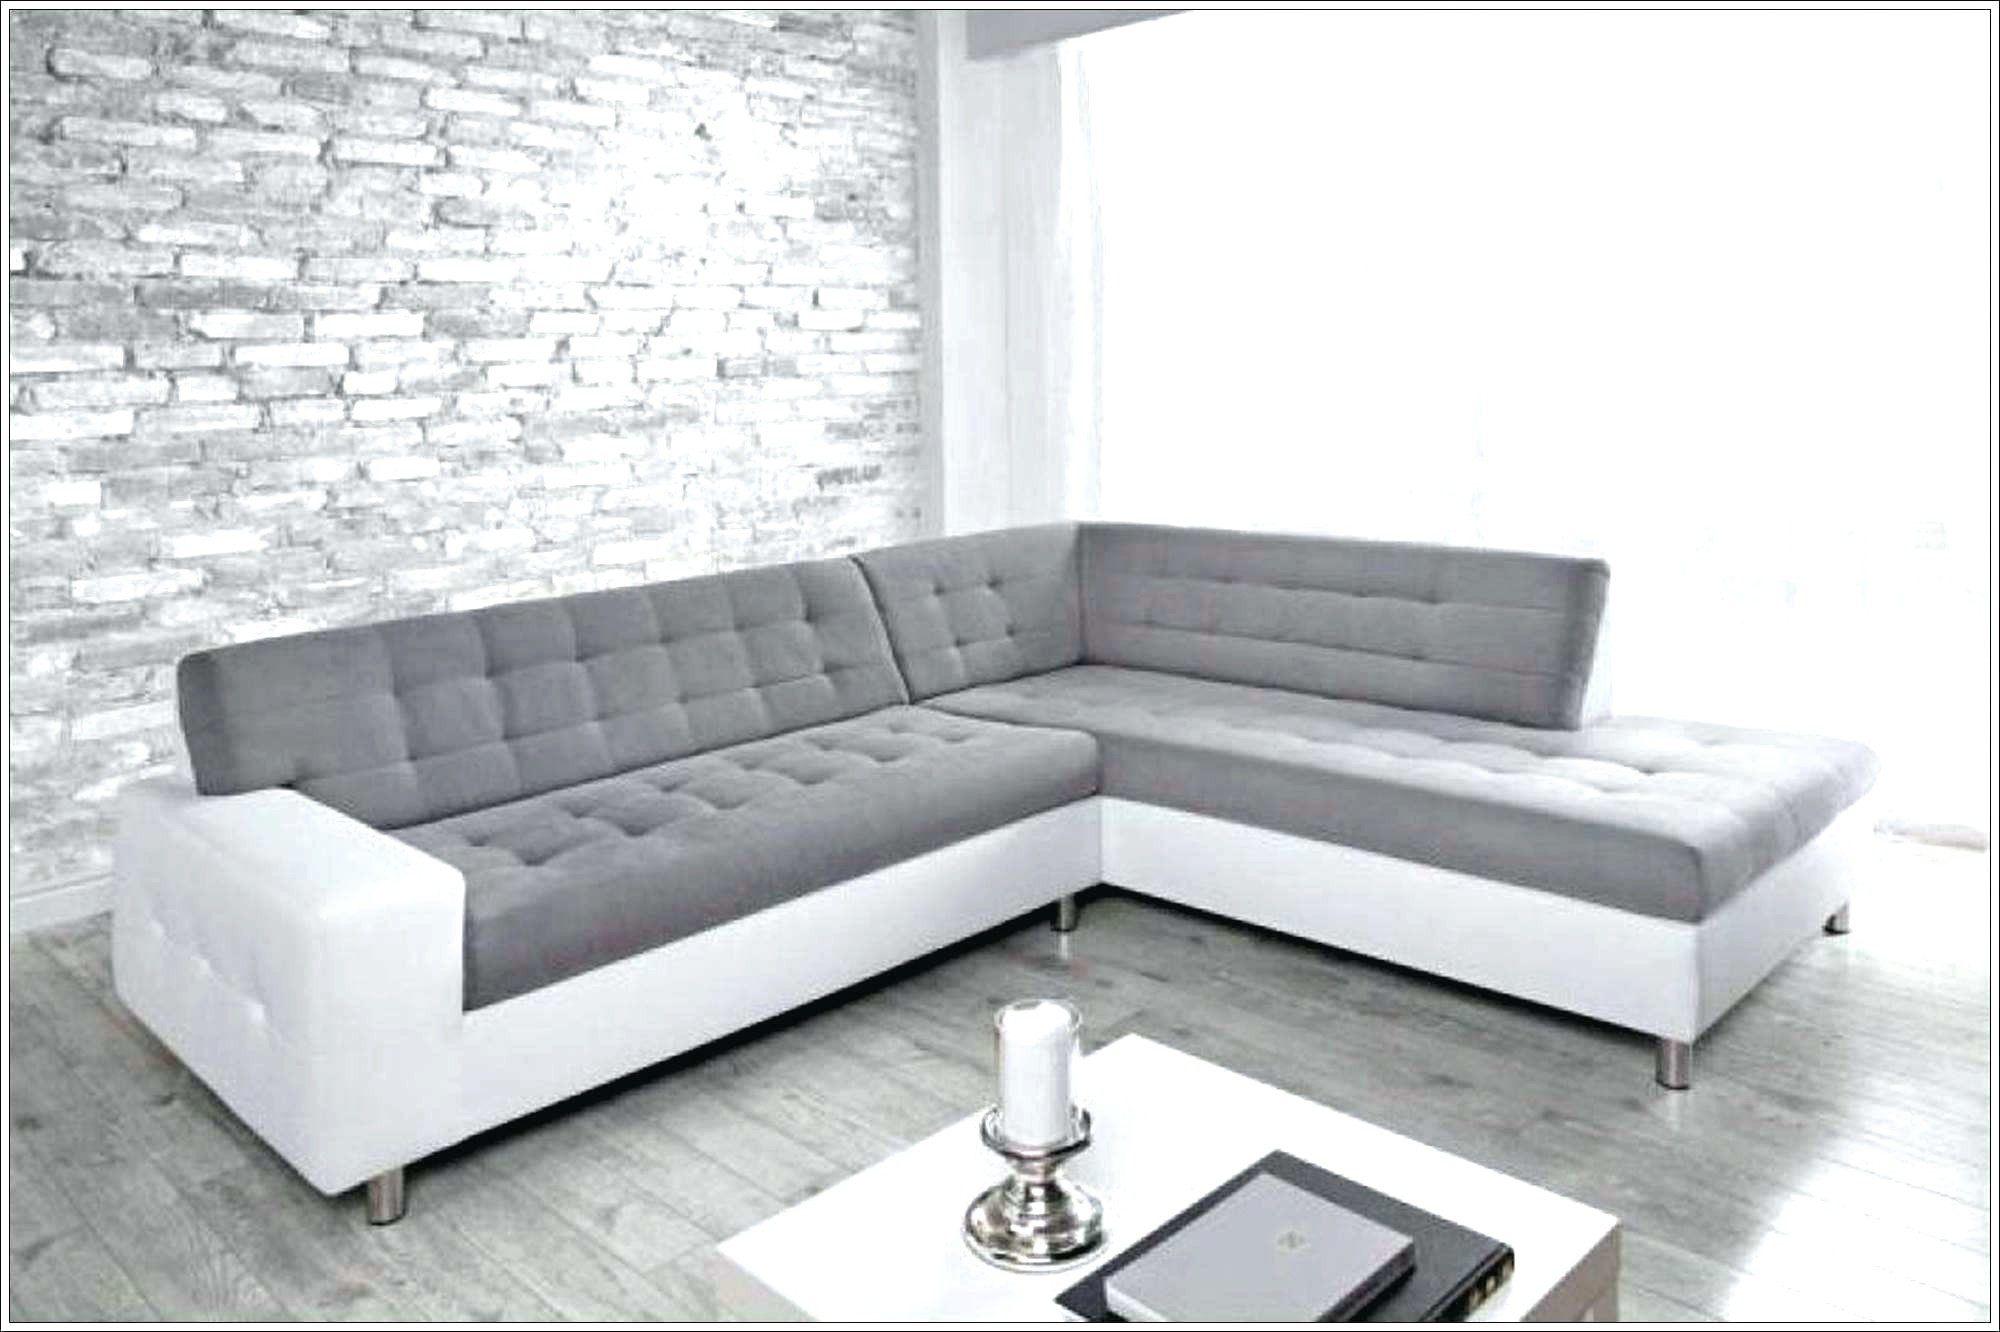 Lit Canapé Escamotable Magnifique 35 Nouveau Lit Escamotable Canapé Ikea Idées